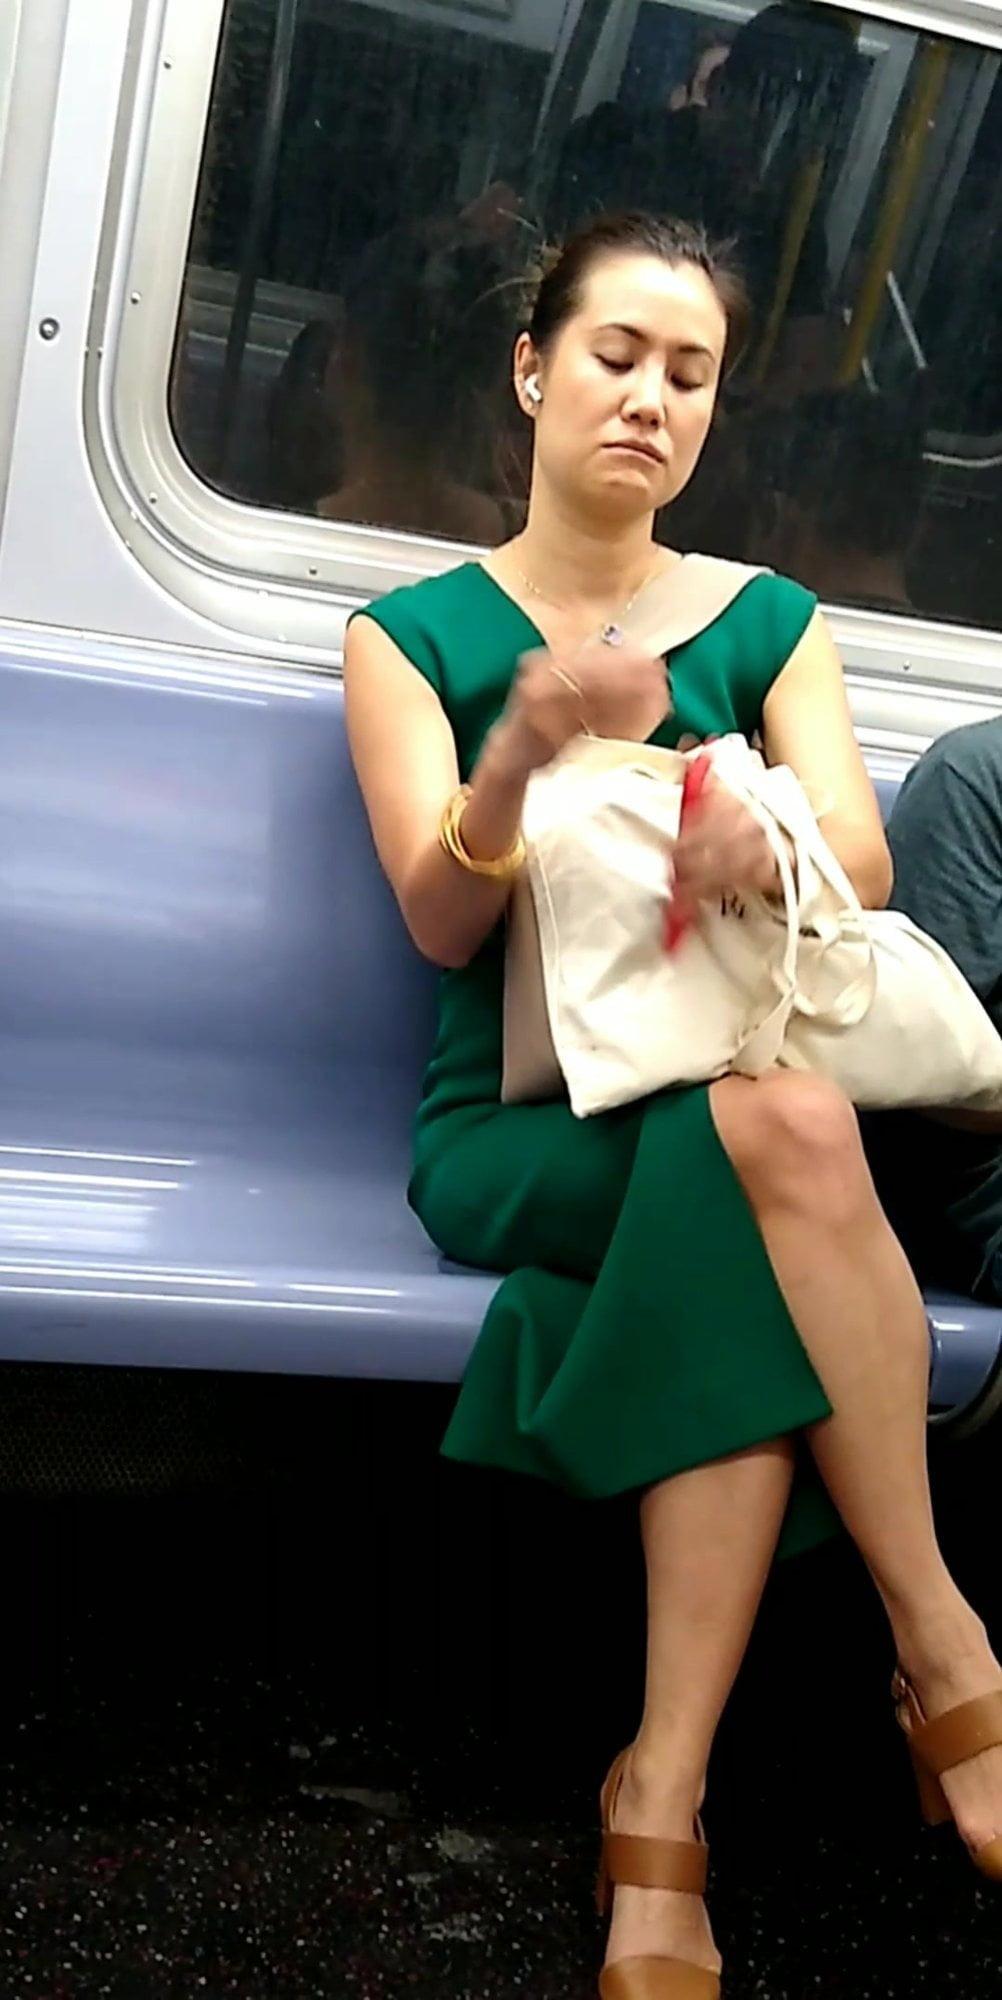 Cute Asian on the train nice legs pretty feet mature